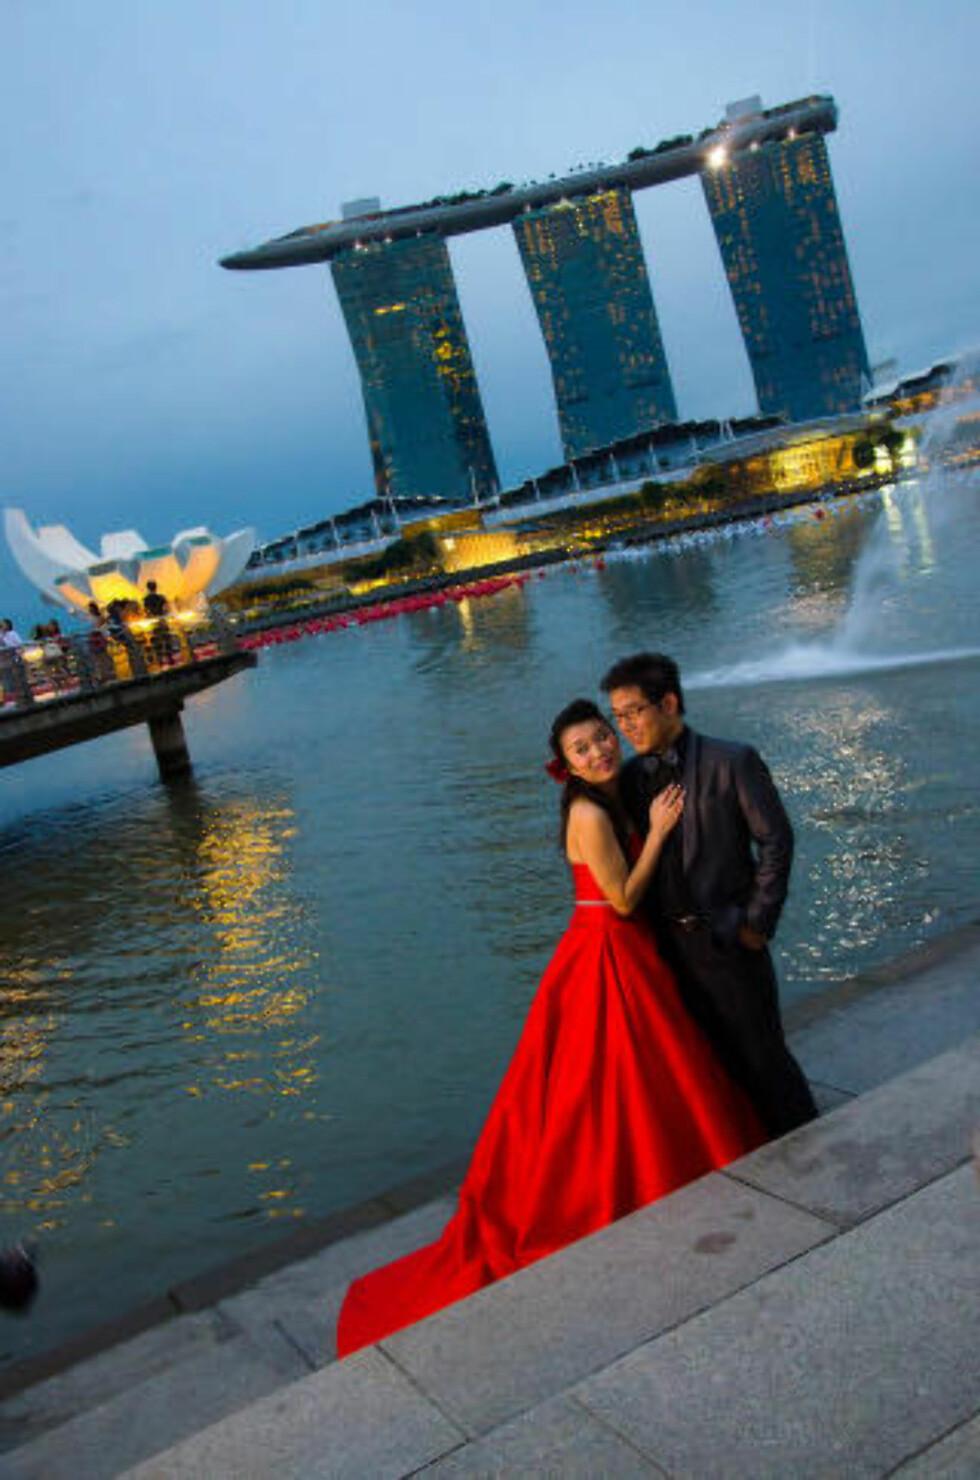 RØD FOR KJÆRLIGHET: I Singapore er det vanlig å ta bryllupsbildene sine en helt annen dag enn på selve bryllupsdagen. Vi fikk bli med på bryllupsfotografering med det imponerende bygningskomplekset Marina Bay Sands i bakgrunnen. Foto: MARI BAREKSTEN